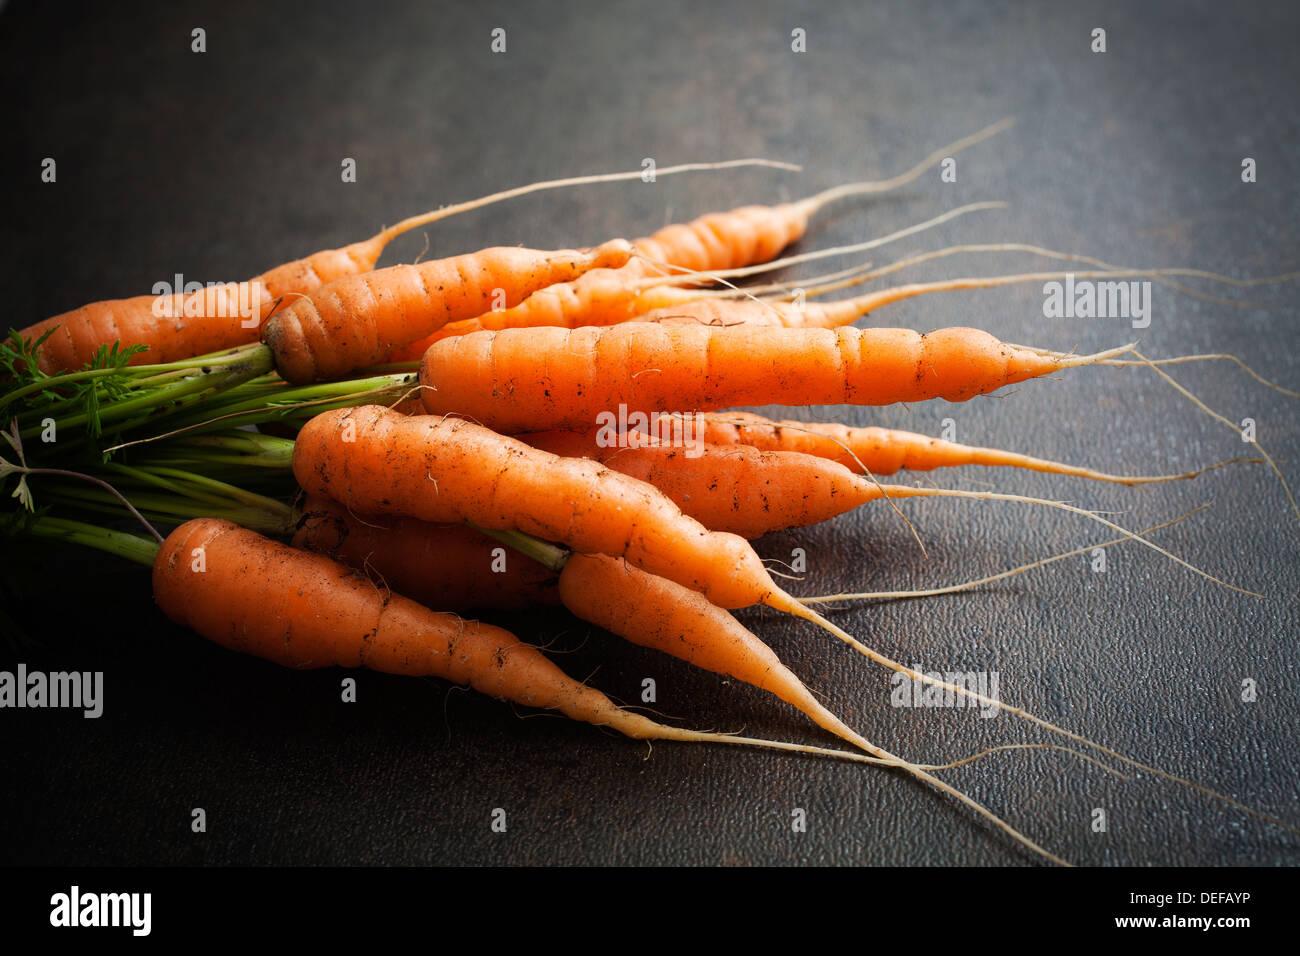 Botte de carottes fraîches sur fond sombre Photo Stock